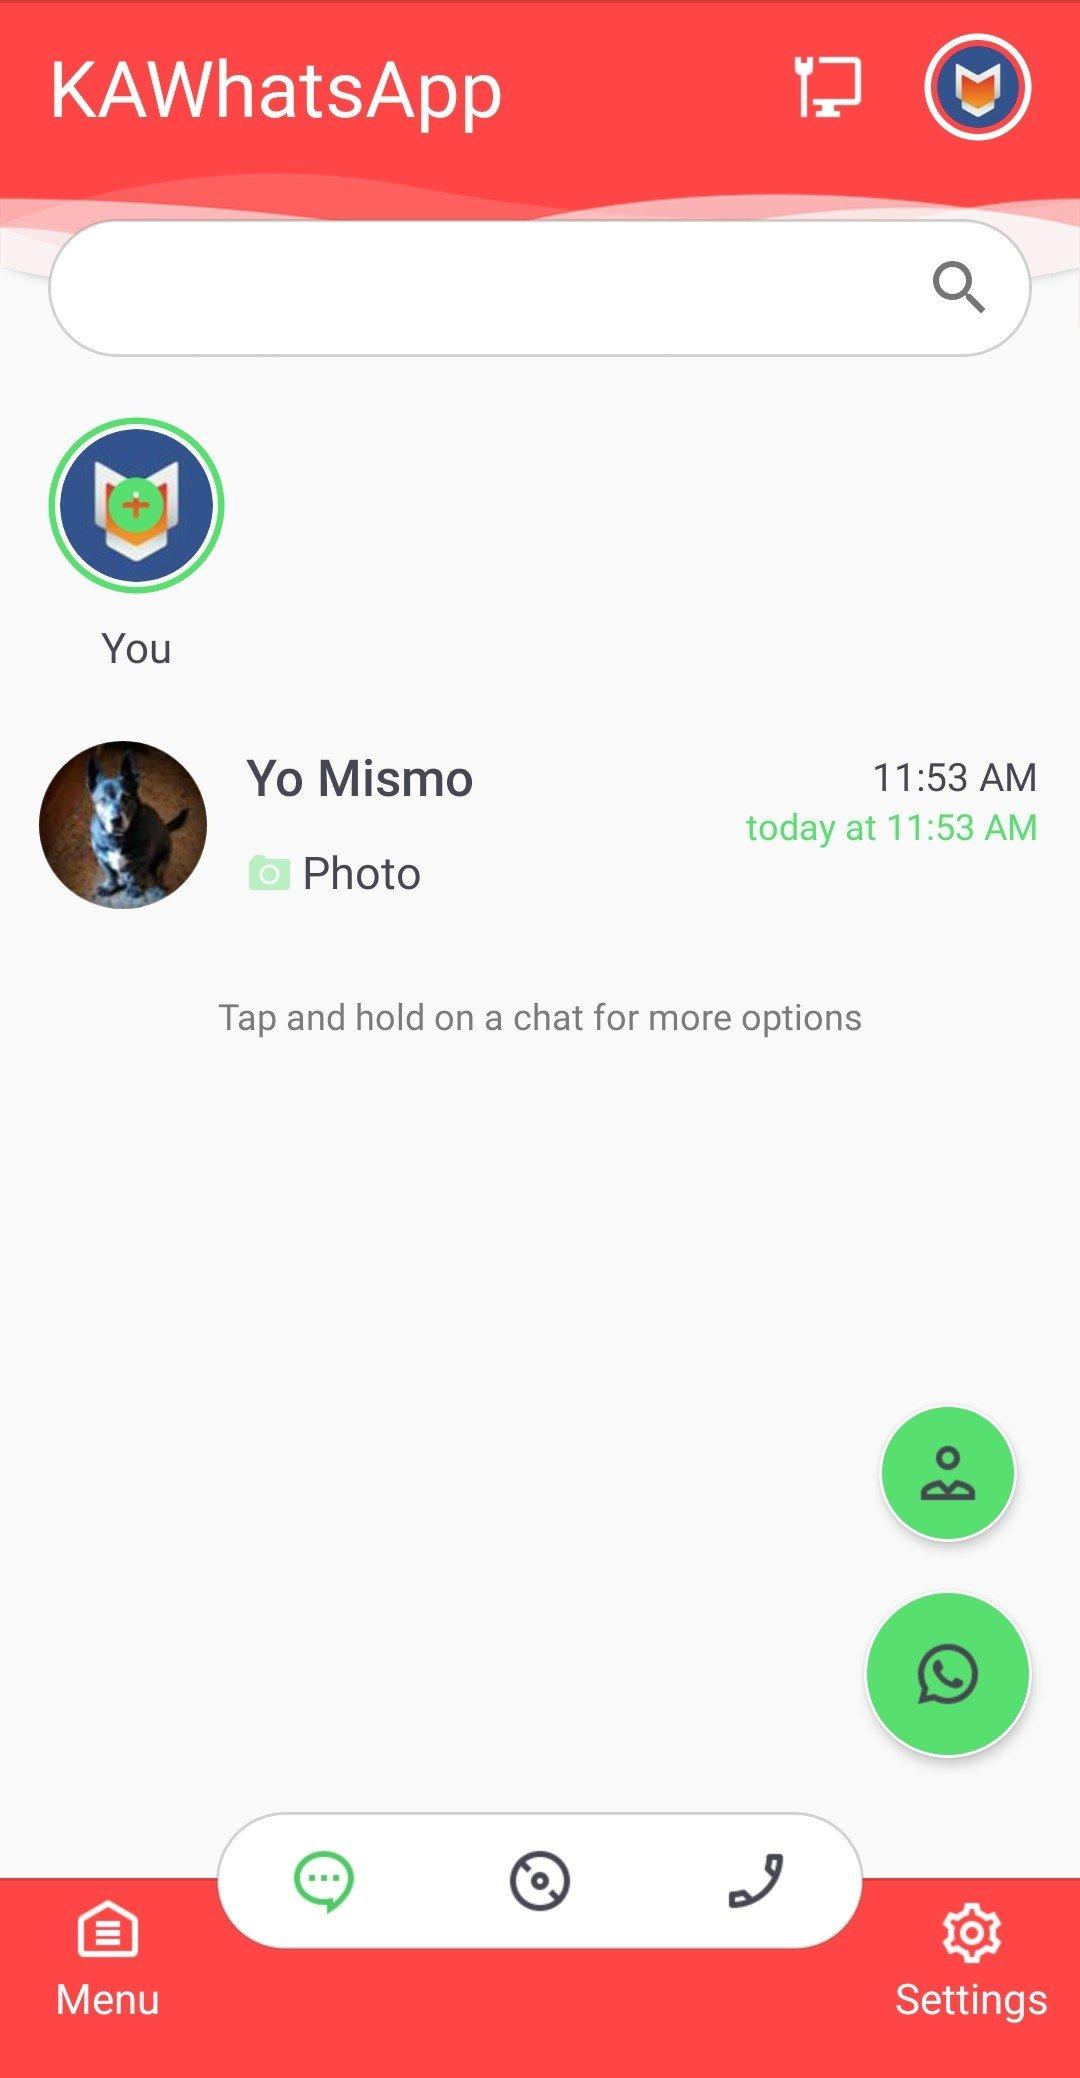 KAWhatsApp Android